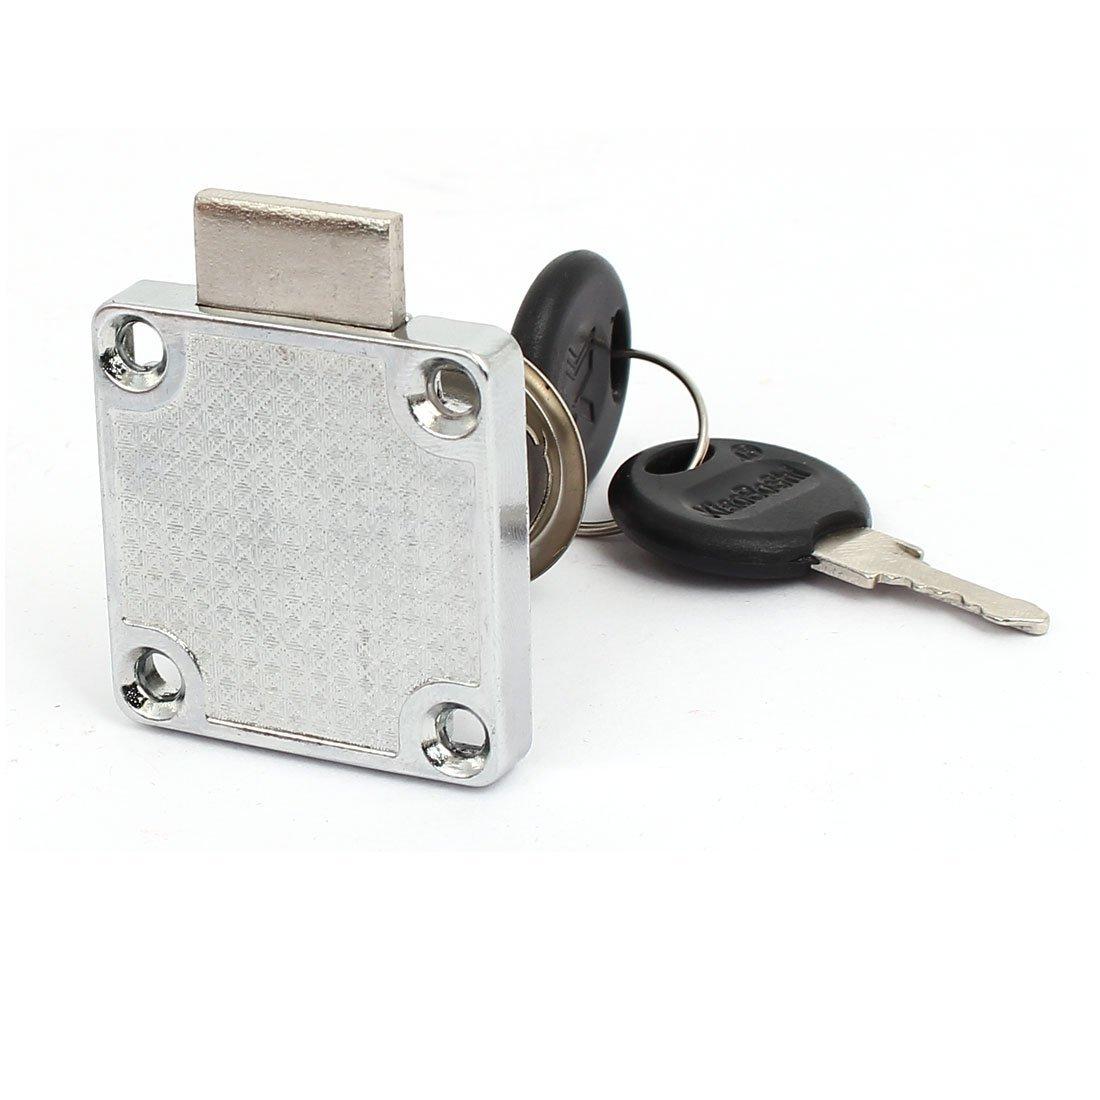 Diámetro 19 mm eDealMax cilindro de metal zócalo cuadrado cerradura del cajón del armario de plata del tono w 2 Llaves - - Amazon.com